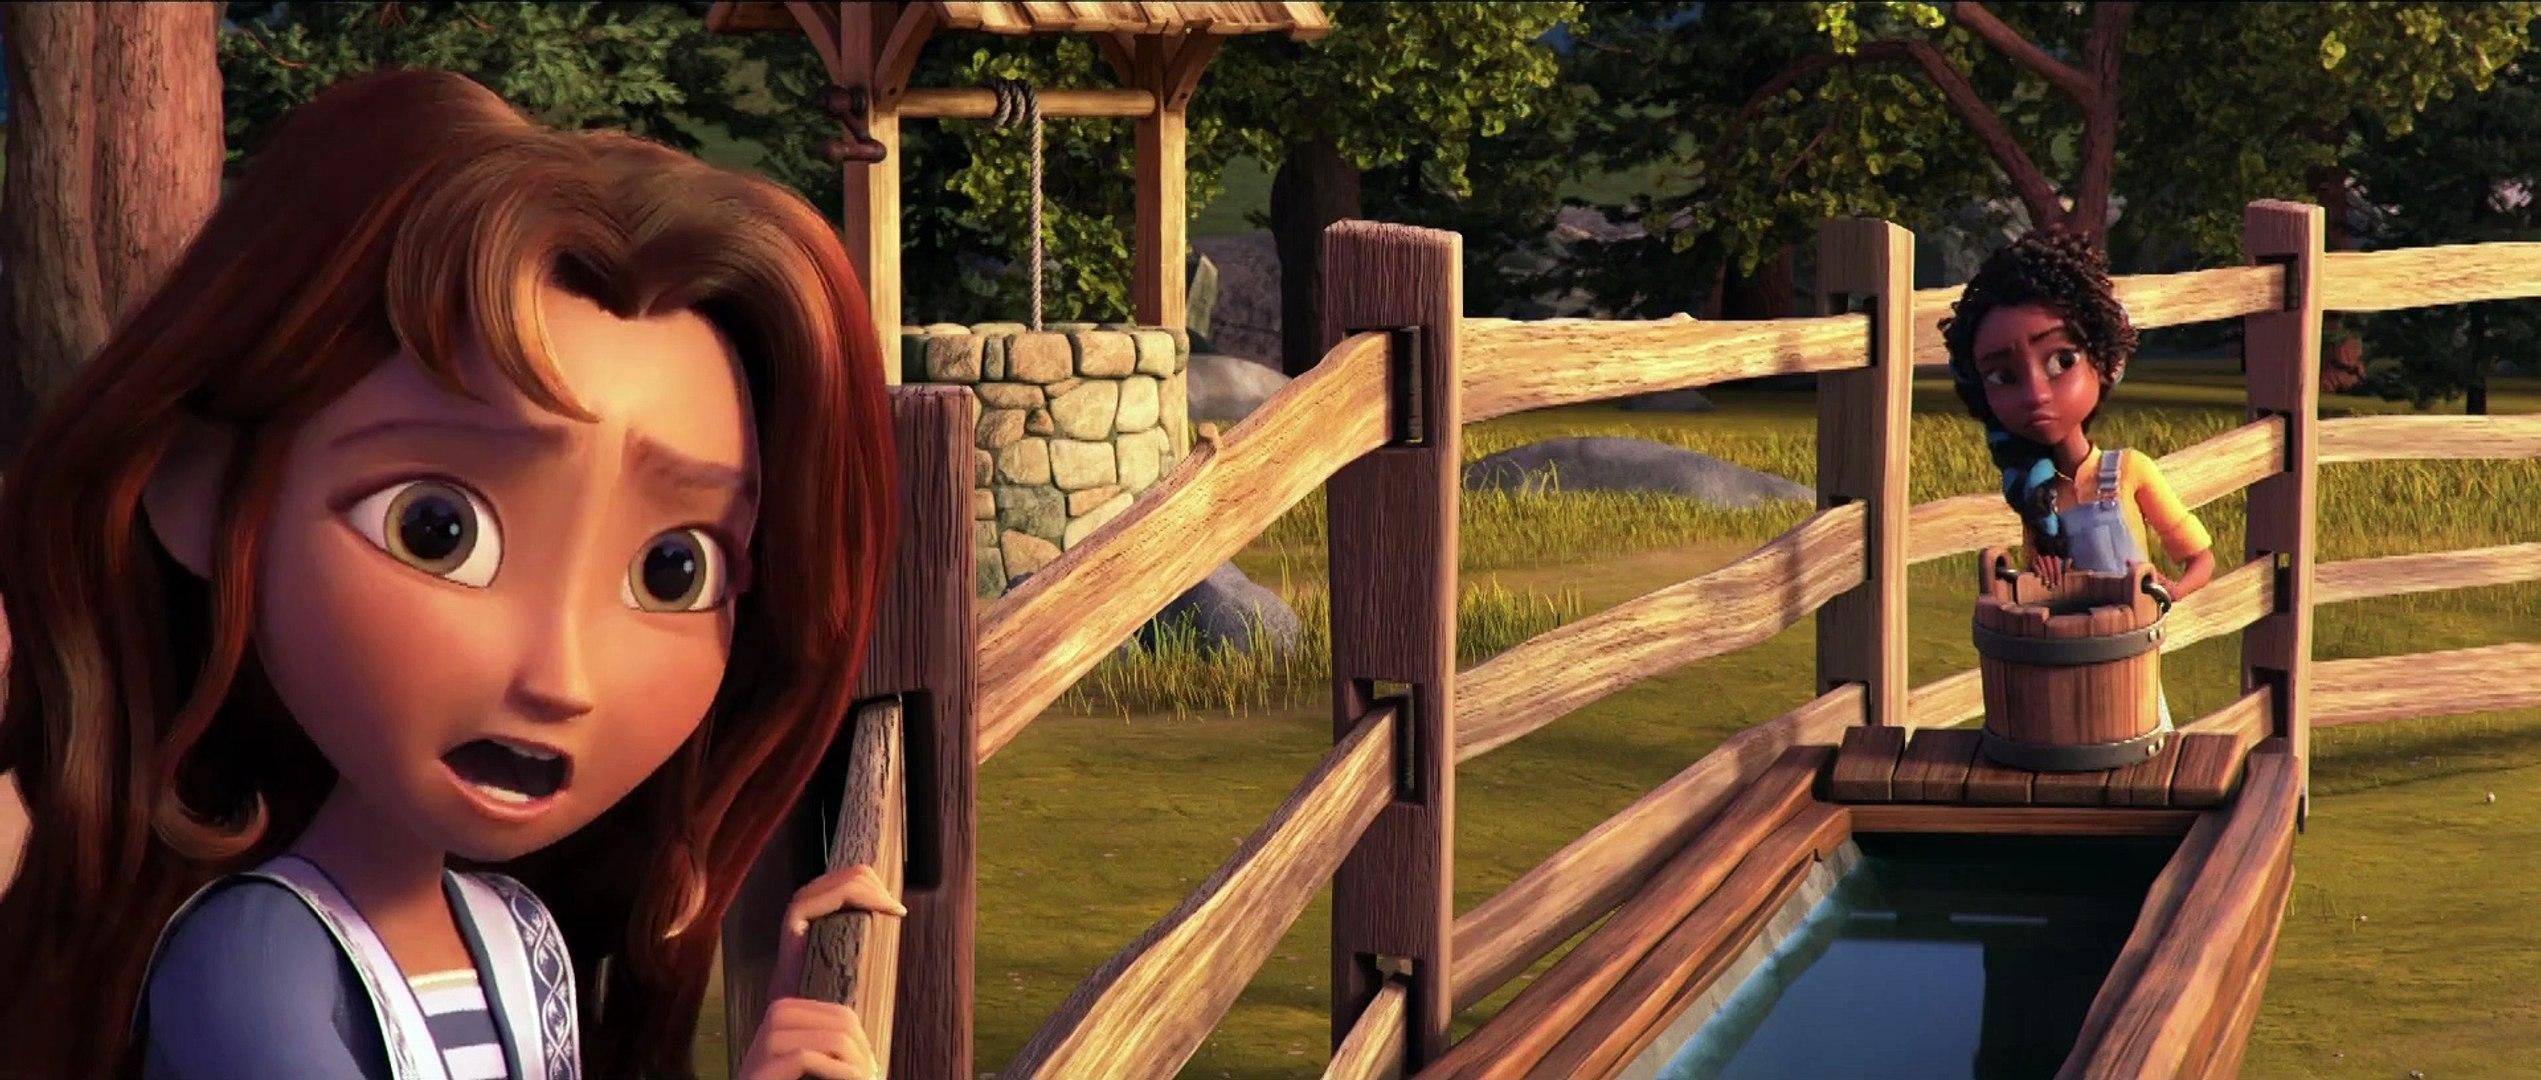 Spirit Untamed Movie Trailer - Wildest Dreams - video Dailymotion